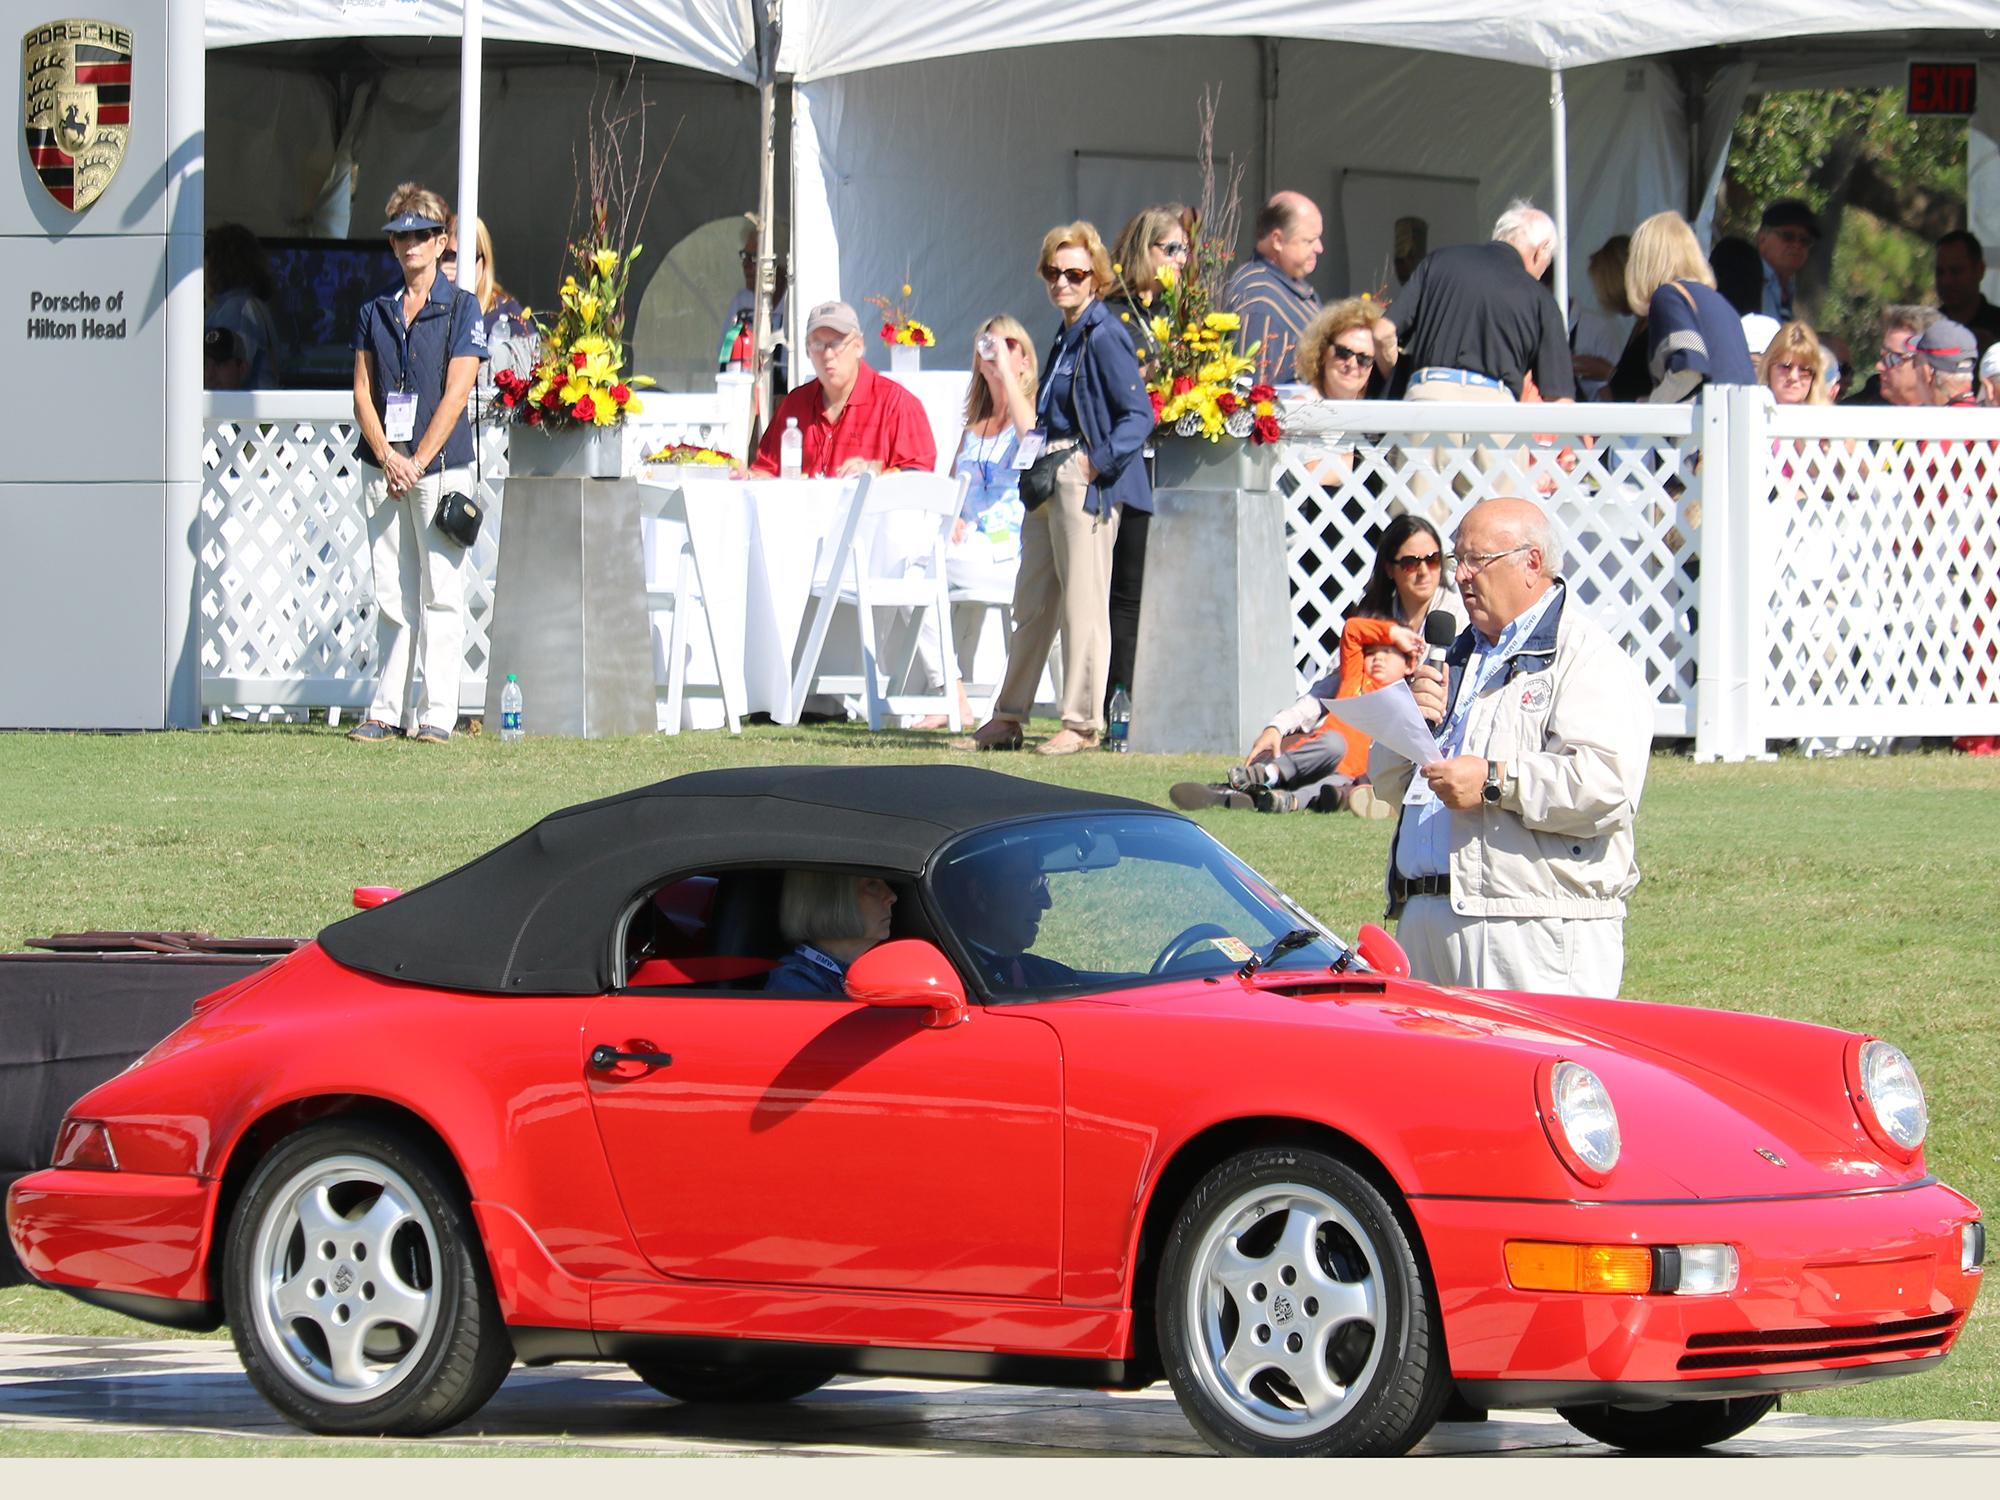 1994 Porsche 911 Speedster in Guards Red